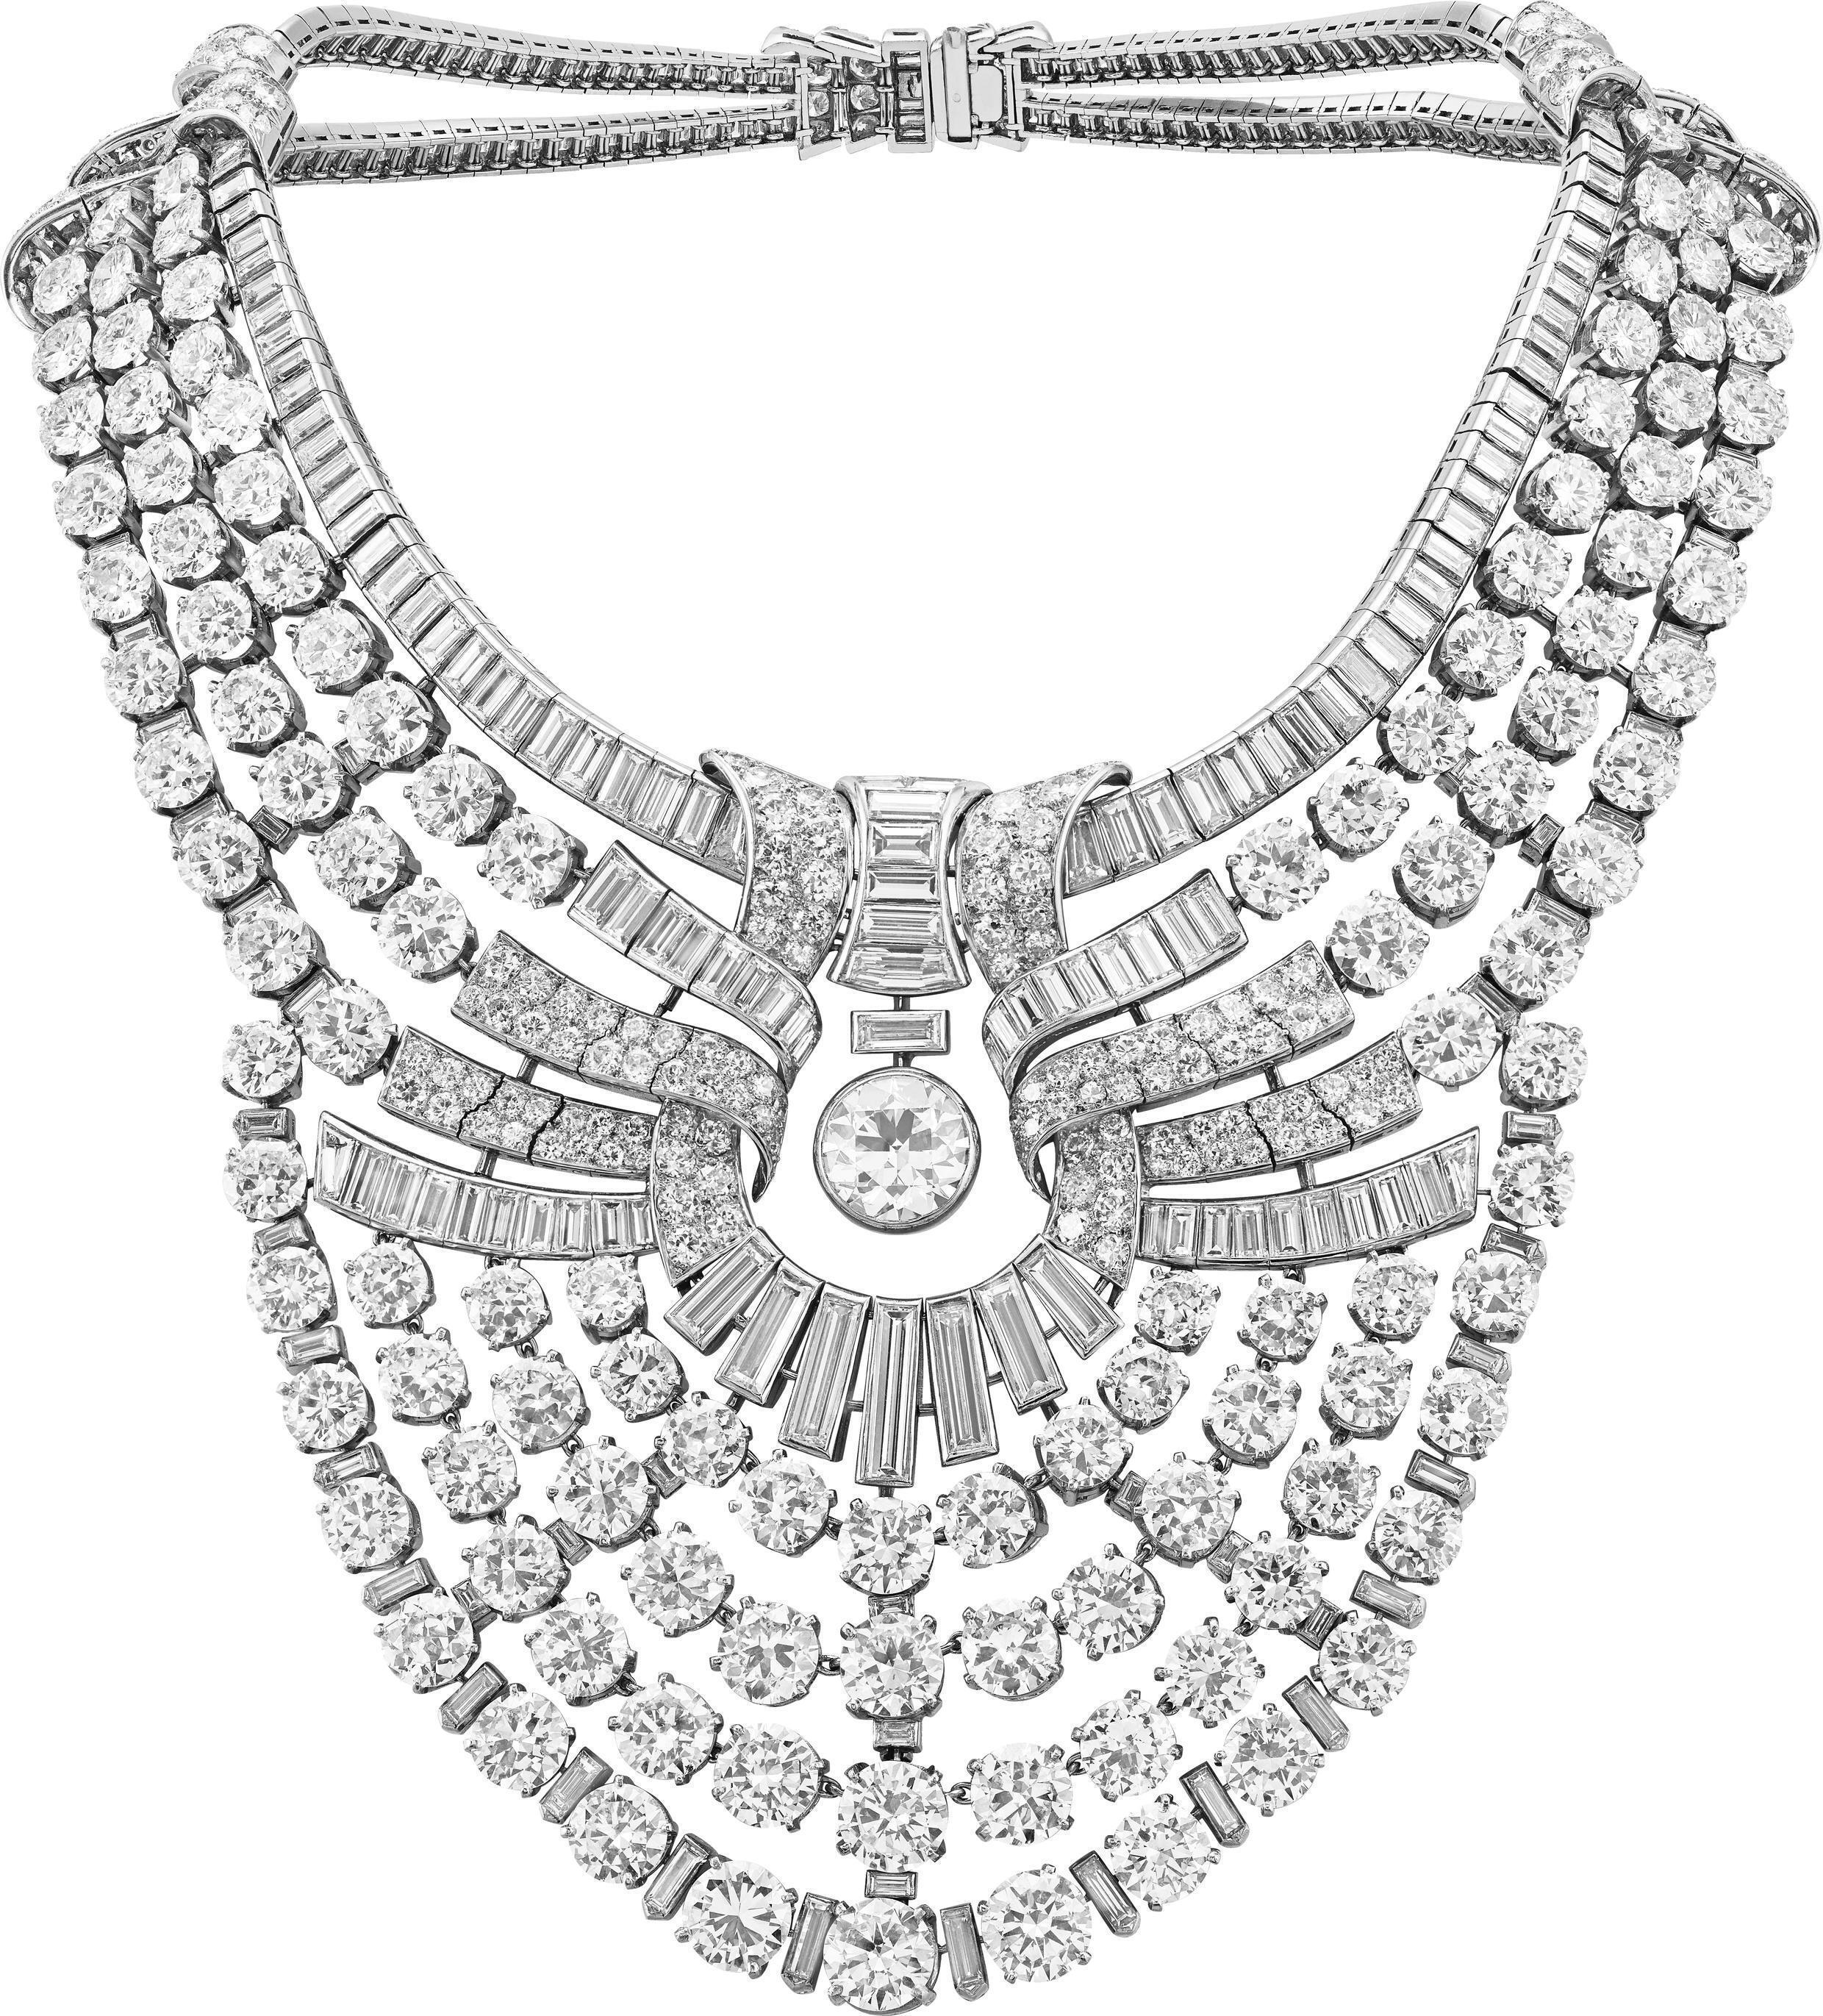 Colar para a rainha Nazli, do Egito, elaborado em 1939, com 673 diamantes.